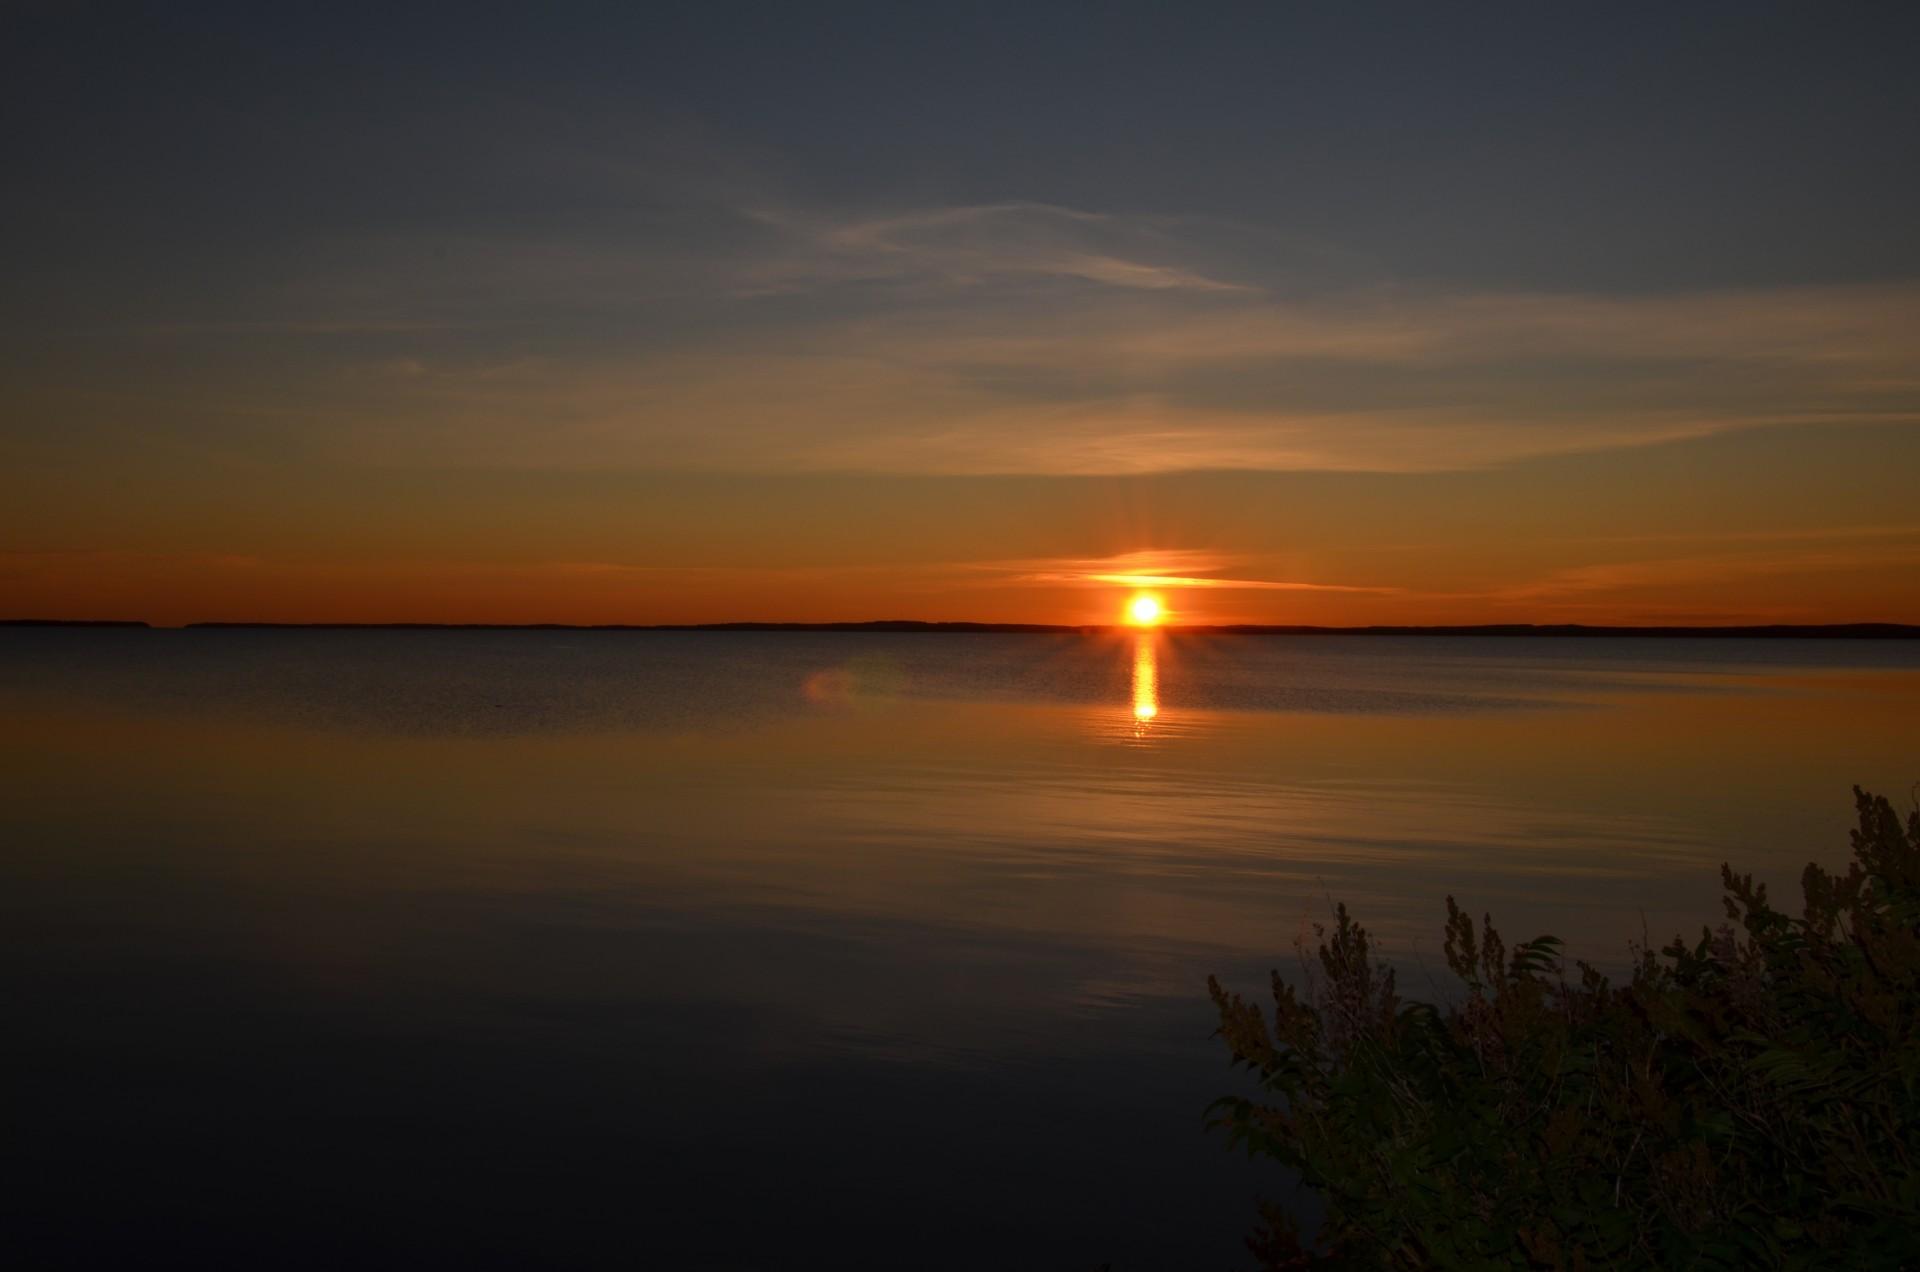 Aurinko painuun Paltaselän taa.